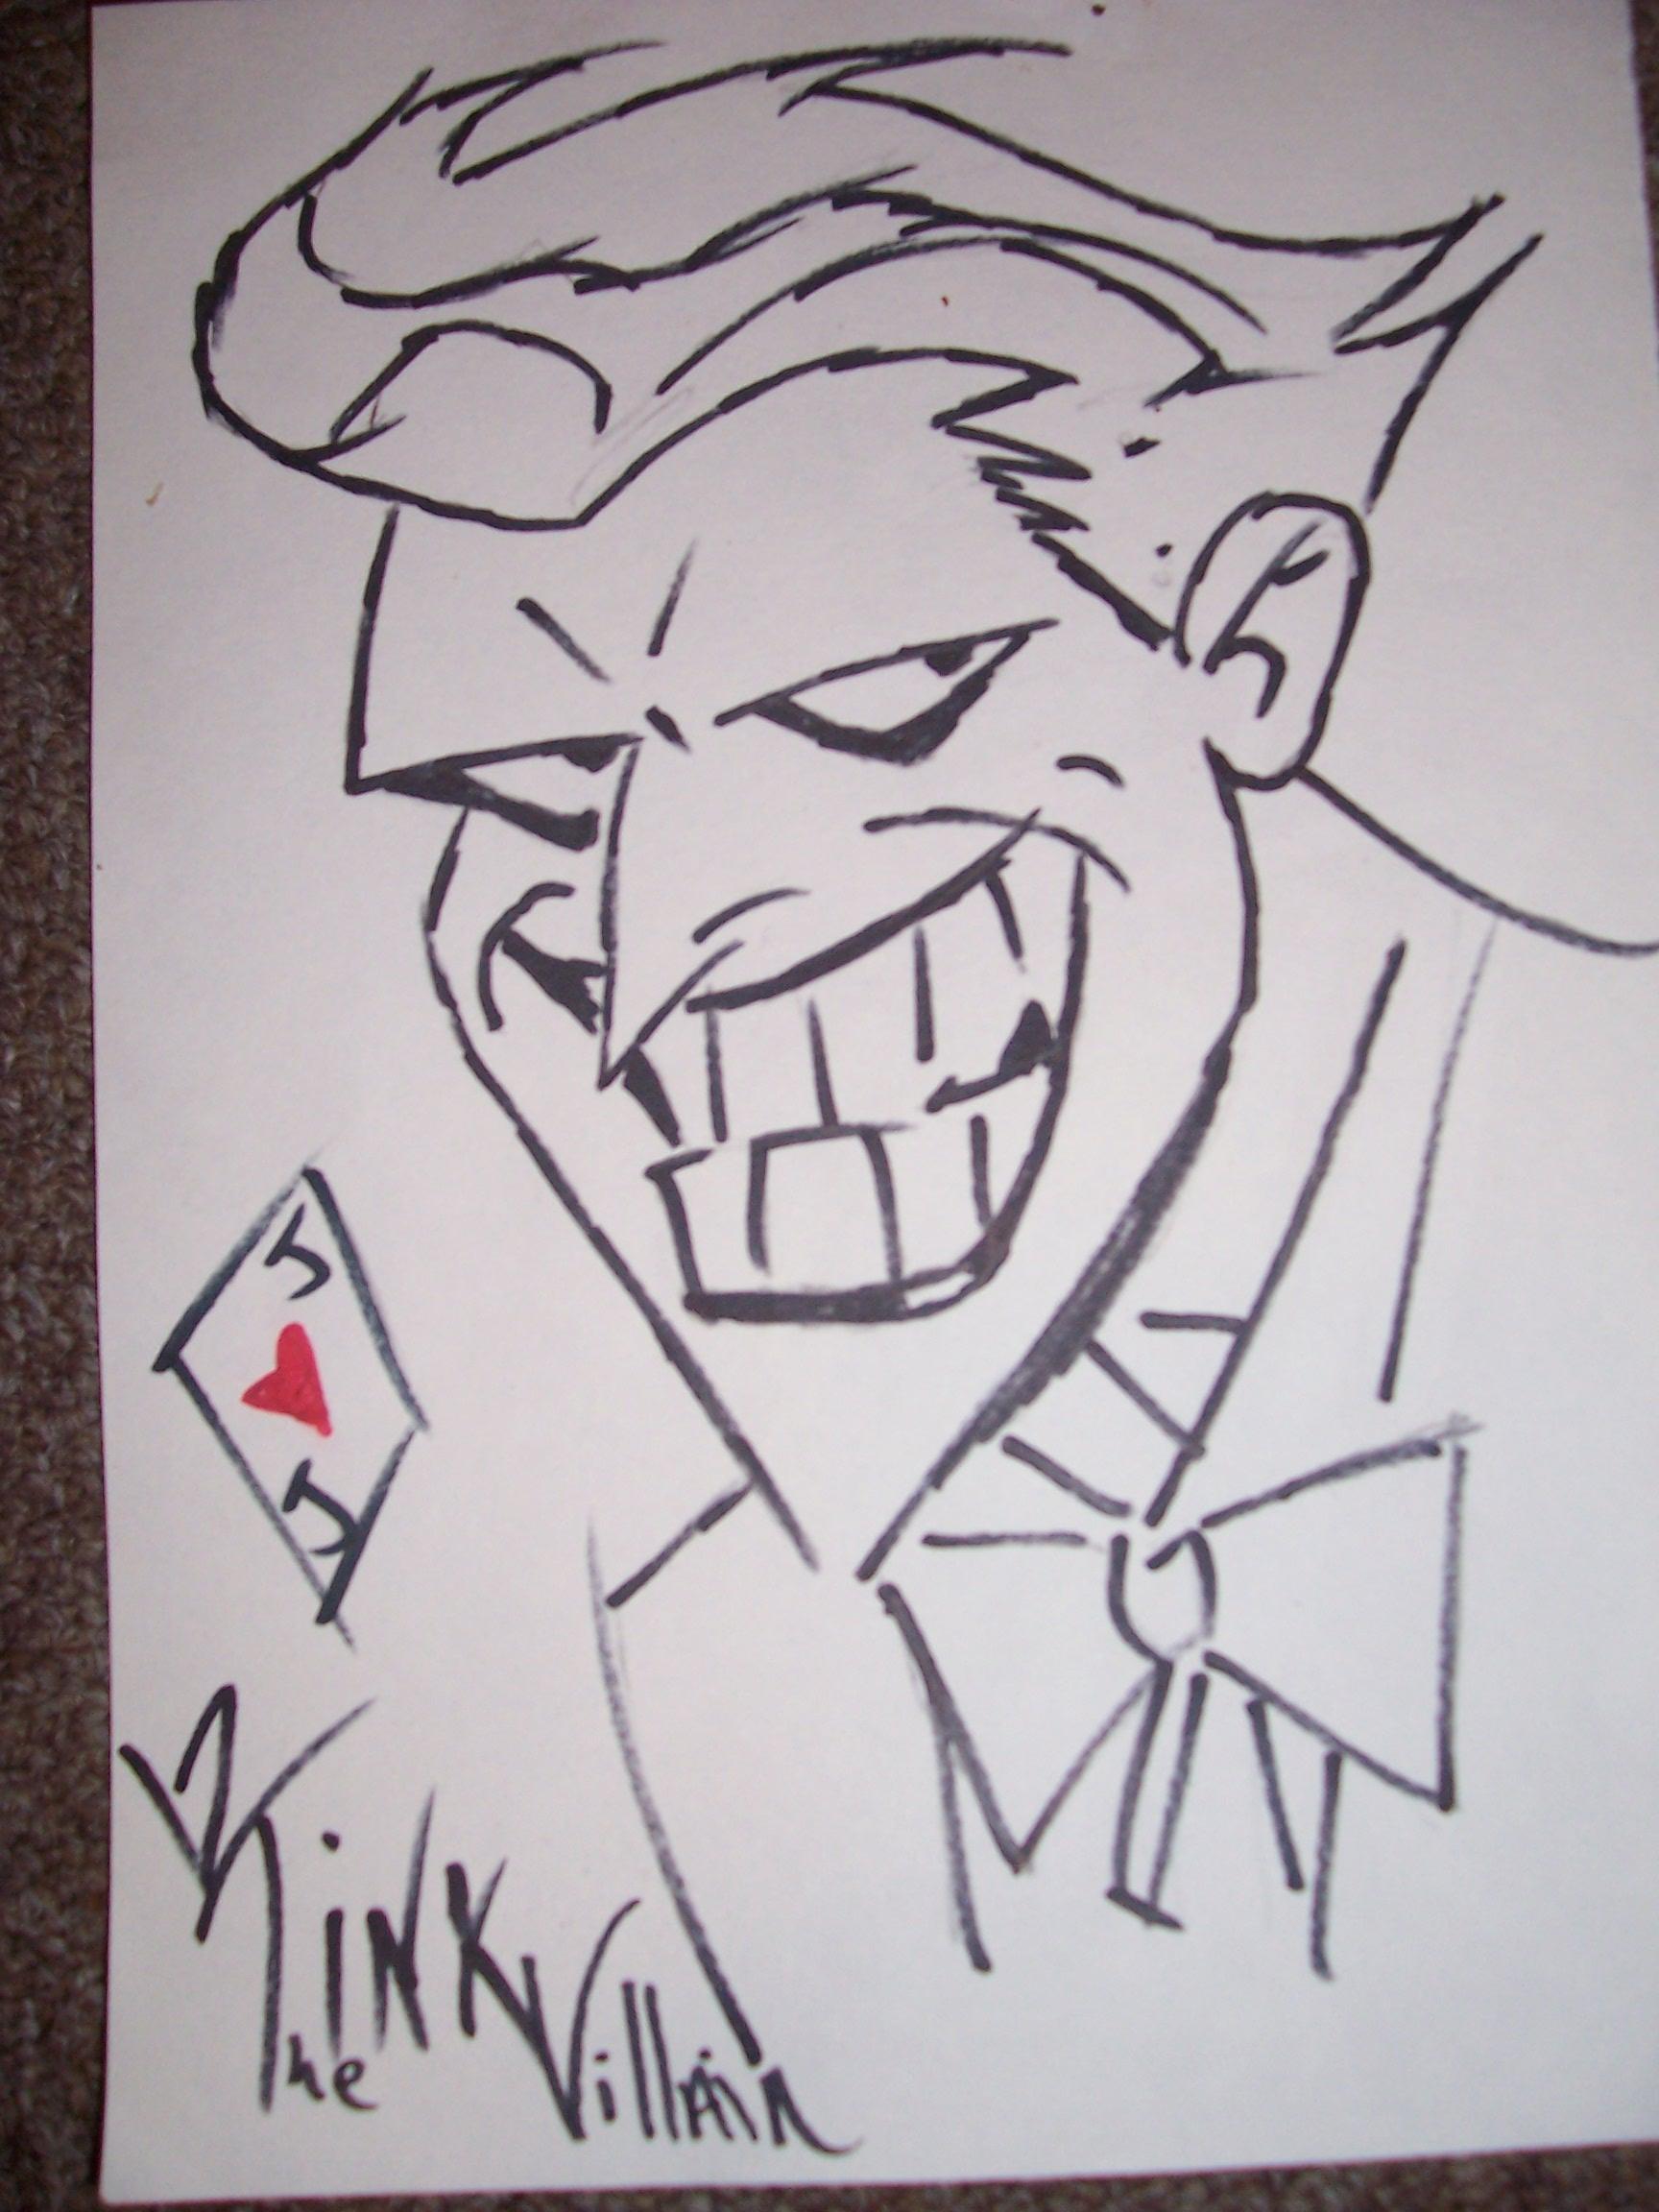 The Joker by TheInkVillain